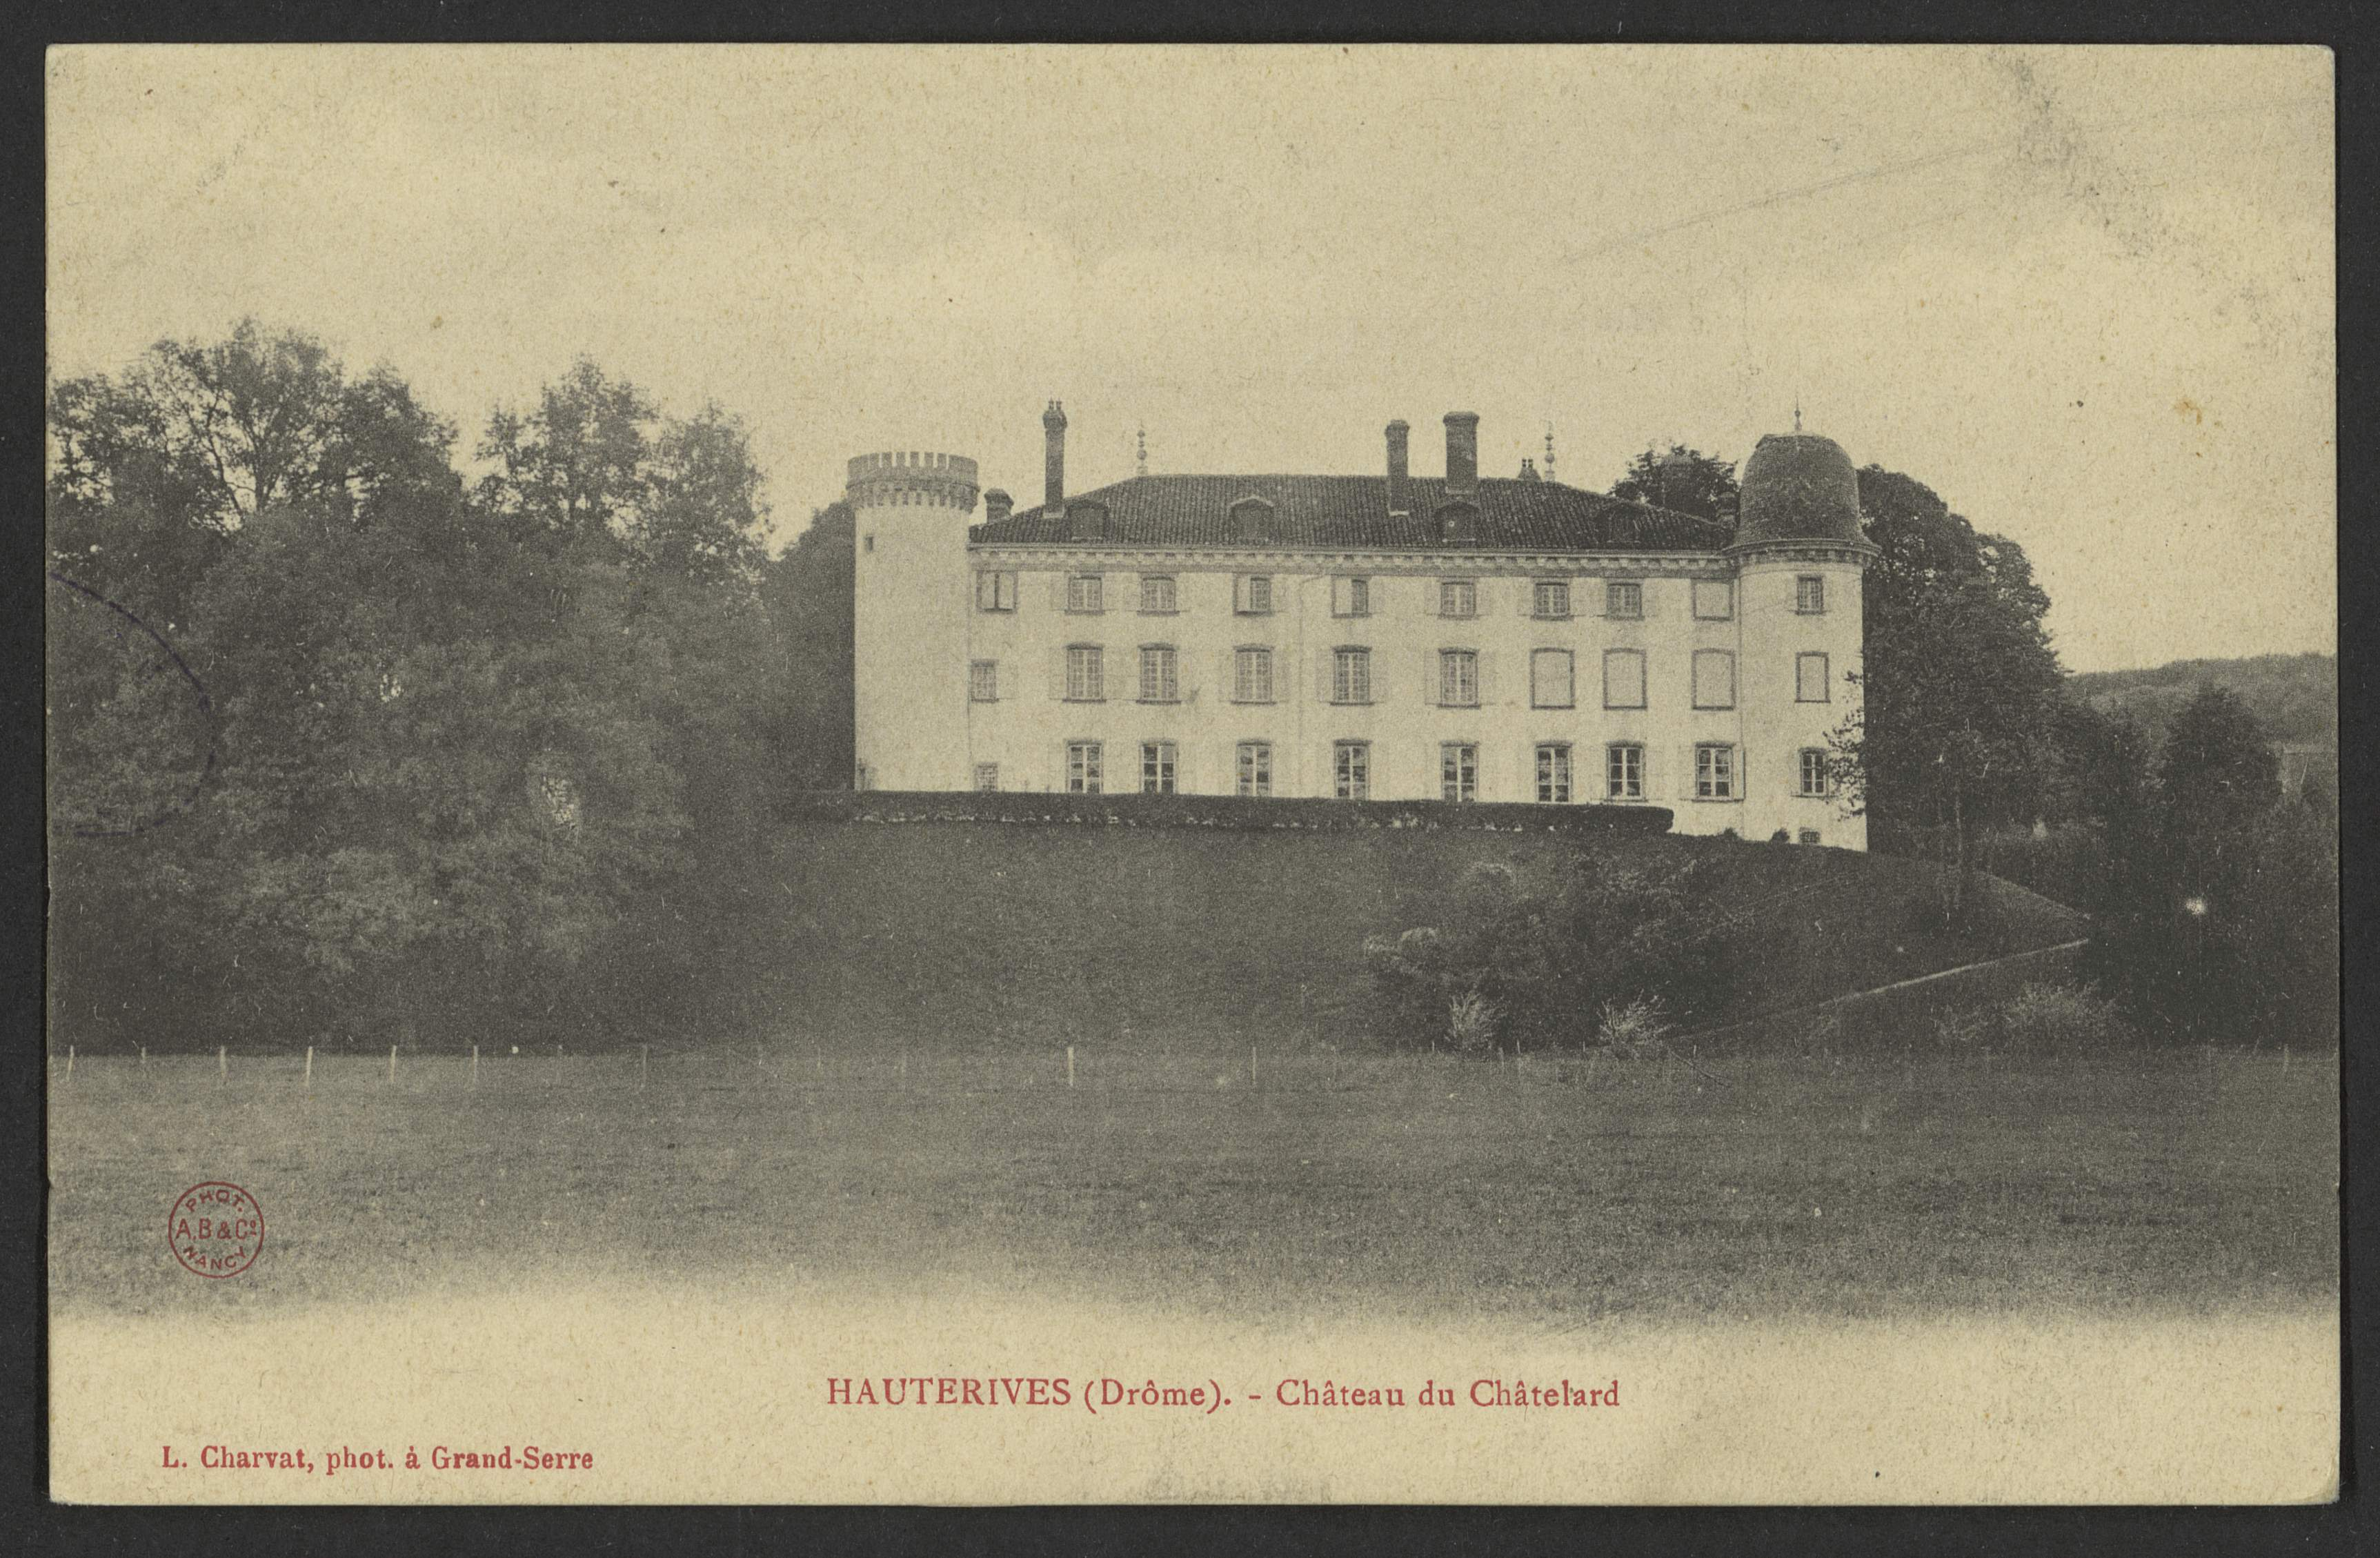 Hauterives (Drôme). - Château de Châtelard